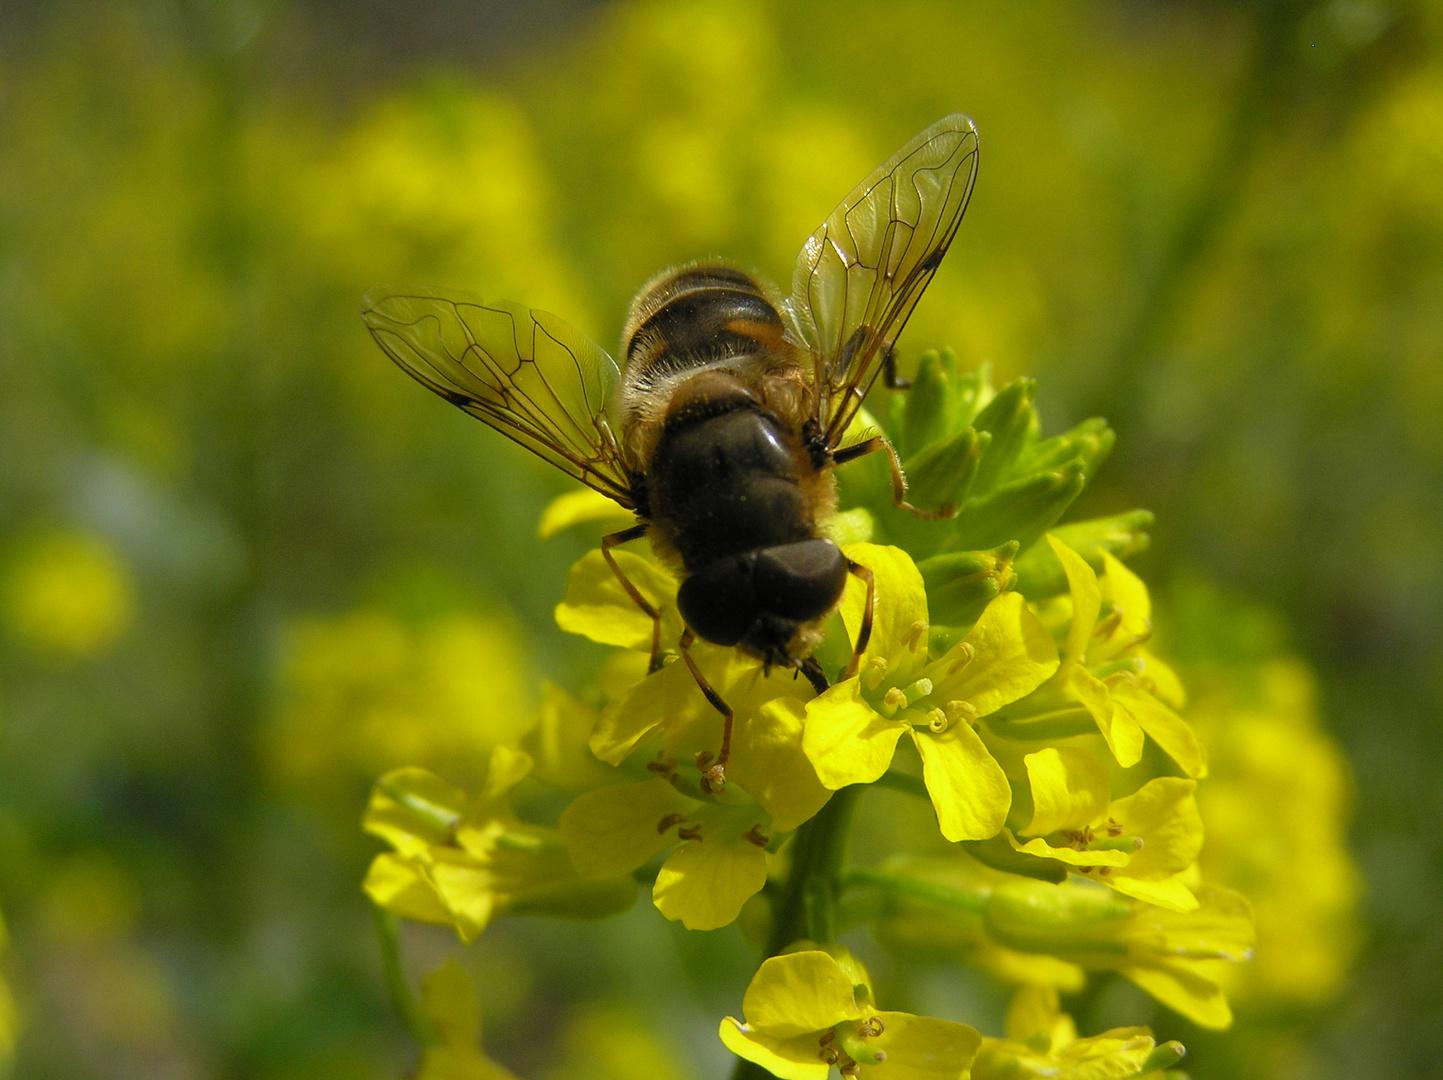 Wildbiene auf Nektarsuche